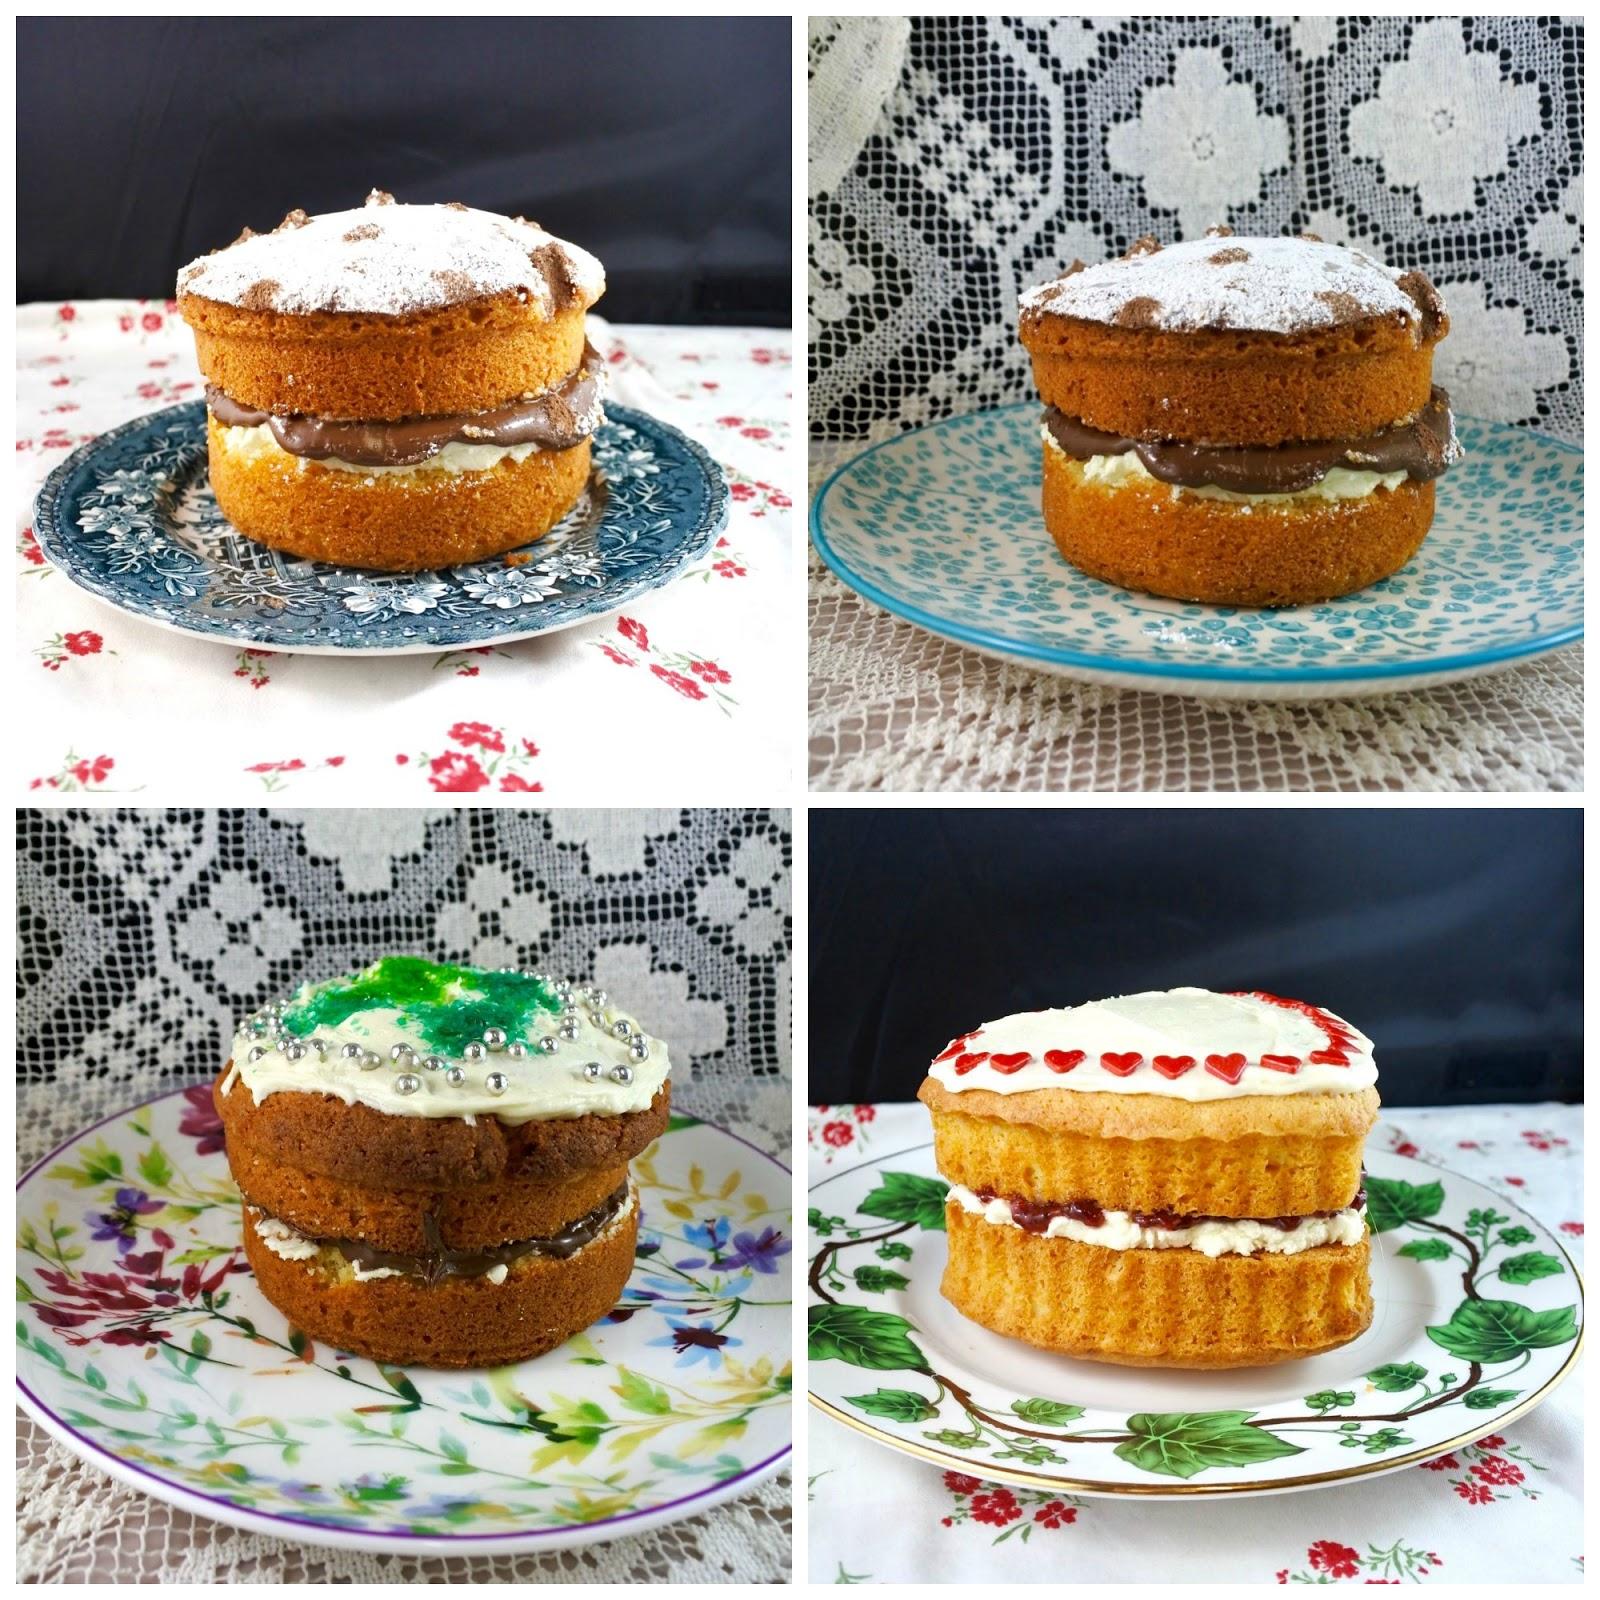 Geelong Butter Icing Cake